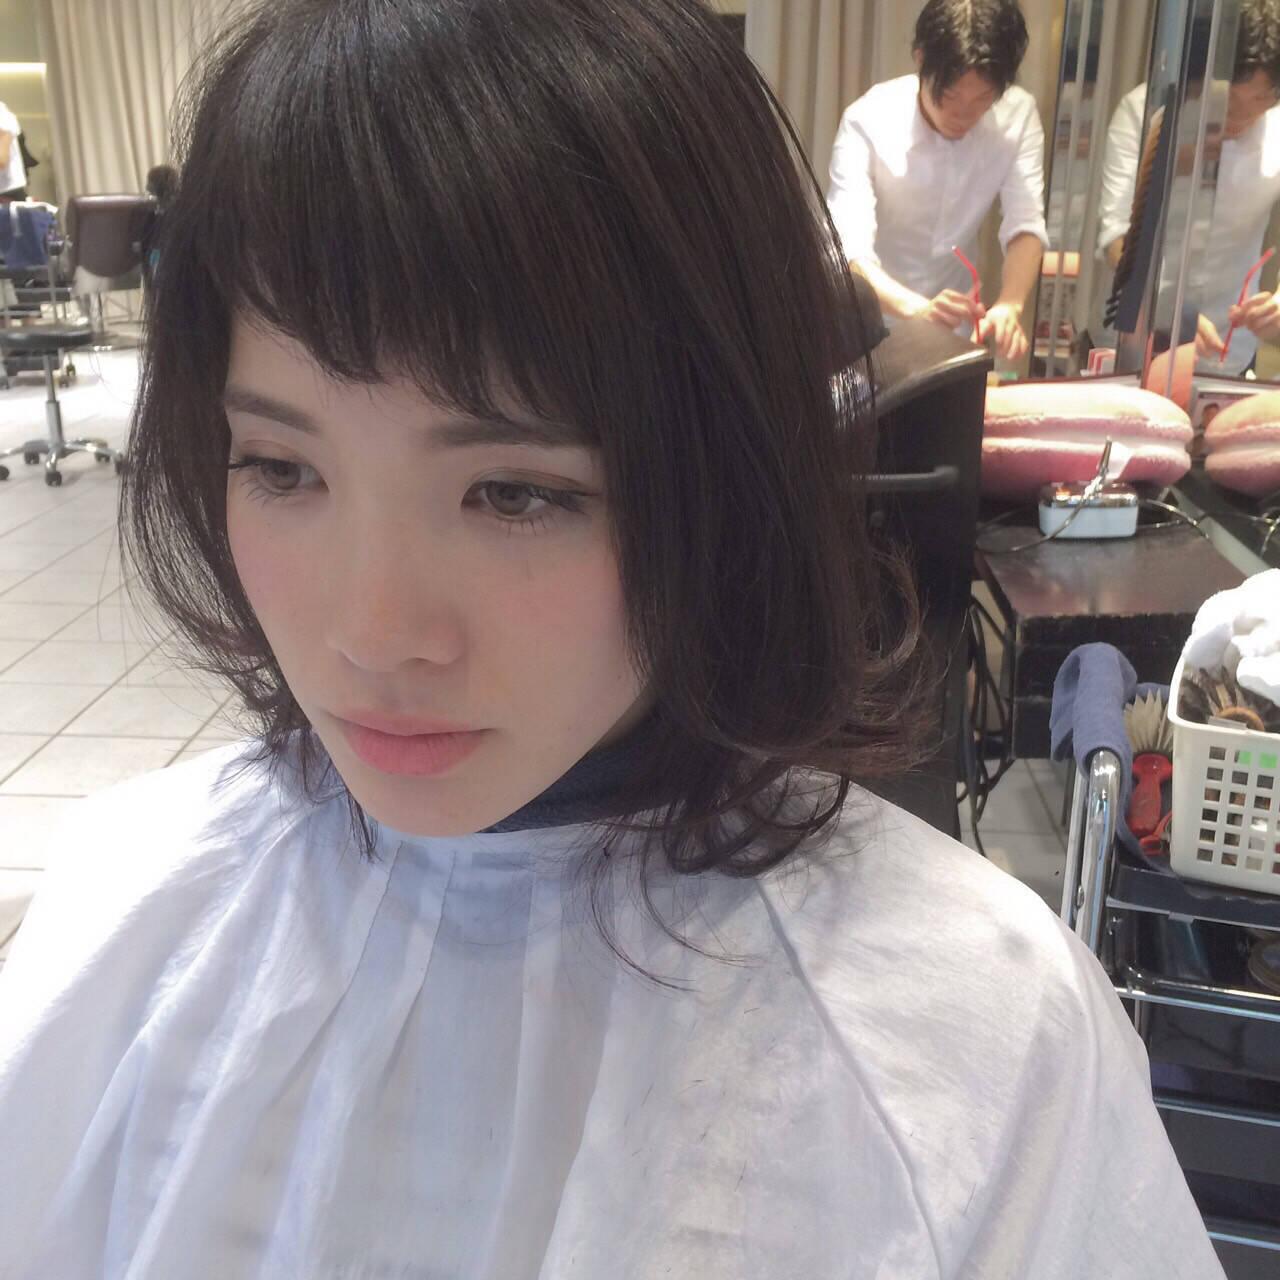 ナチュラル オン眉 色気 抜け感ヘアスタイルや髪型の写真・画像